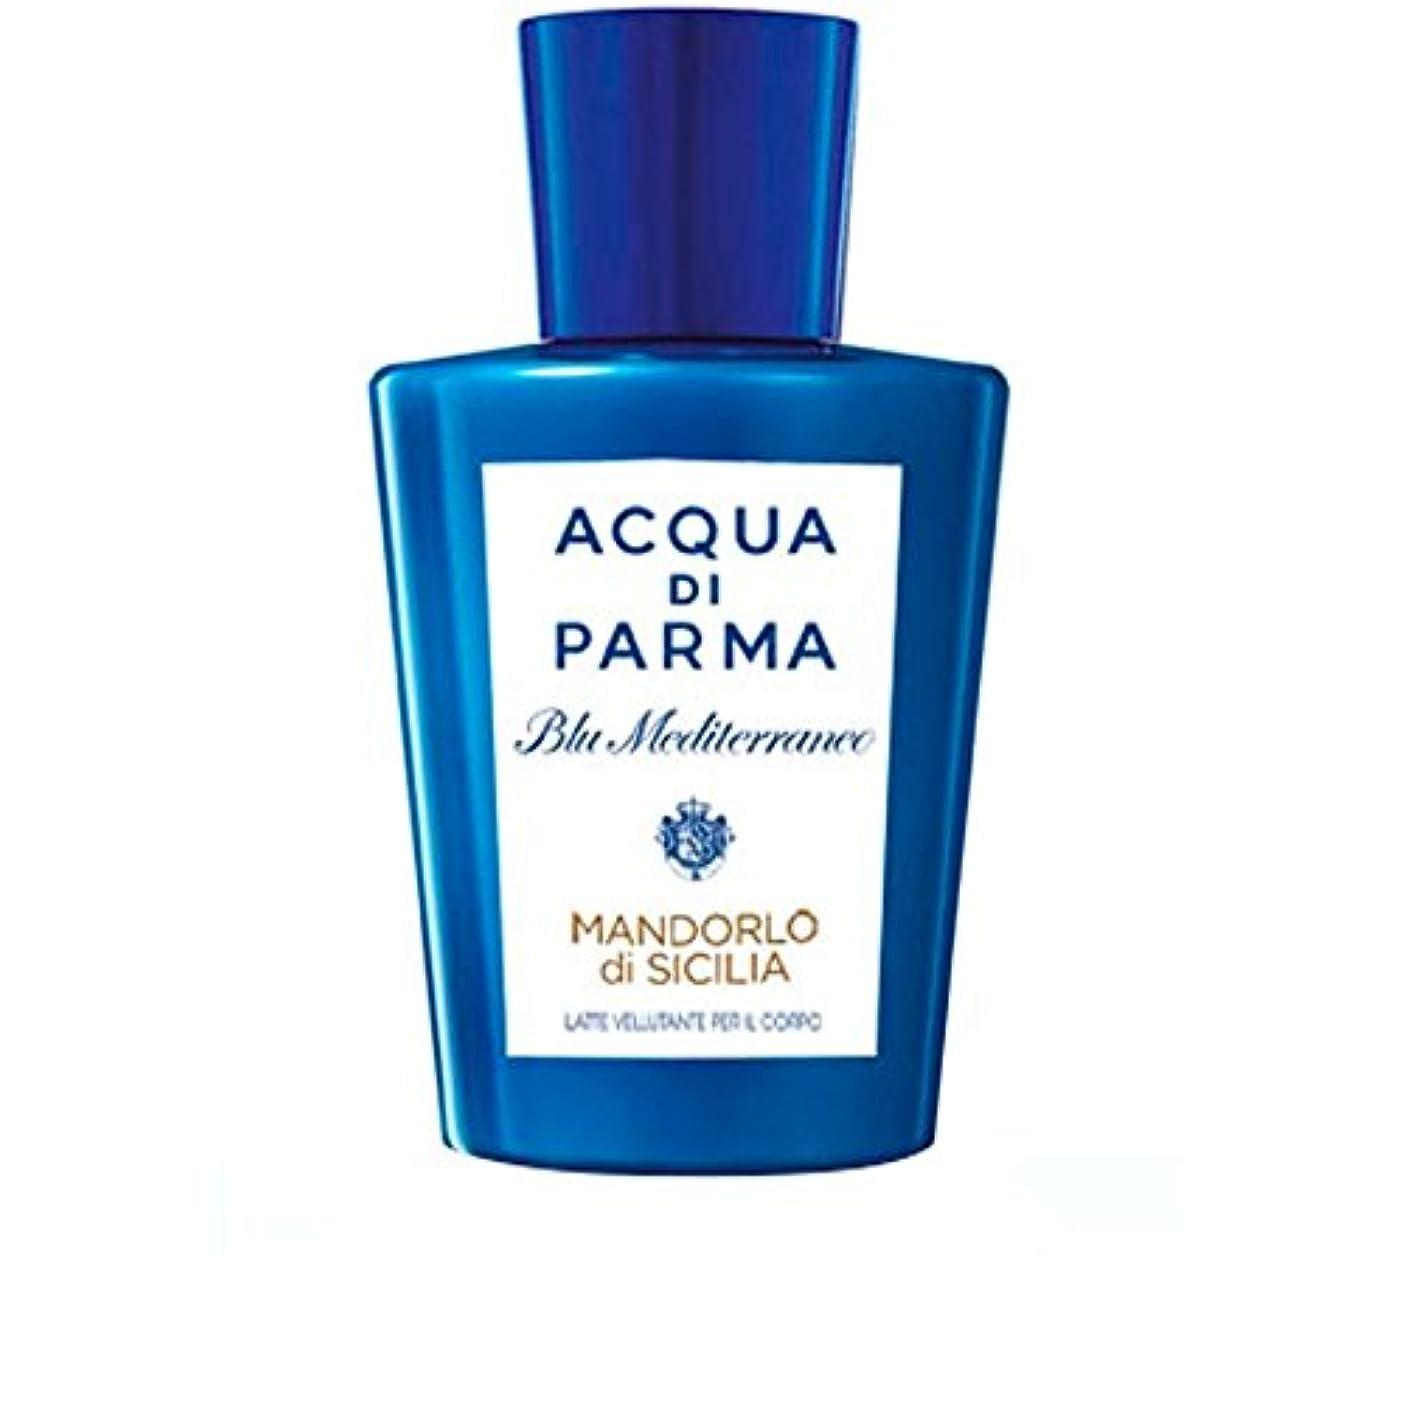 バルブ眠いです雰囲気Acqua Di Parma Mandorlo Di Sicilia Pampering Body Lotion 200ml (Pack of 6) - アクアディパルママンドルロ?ディ?シチリア至福のボディローション200...